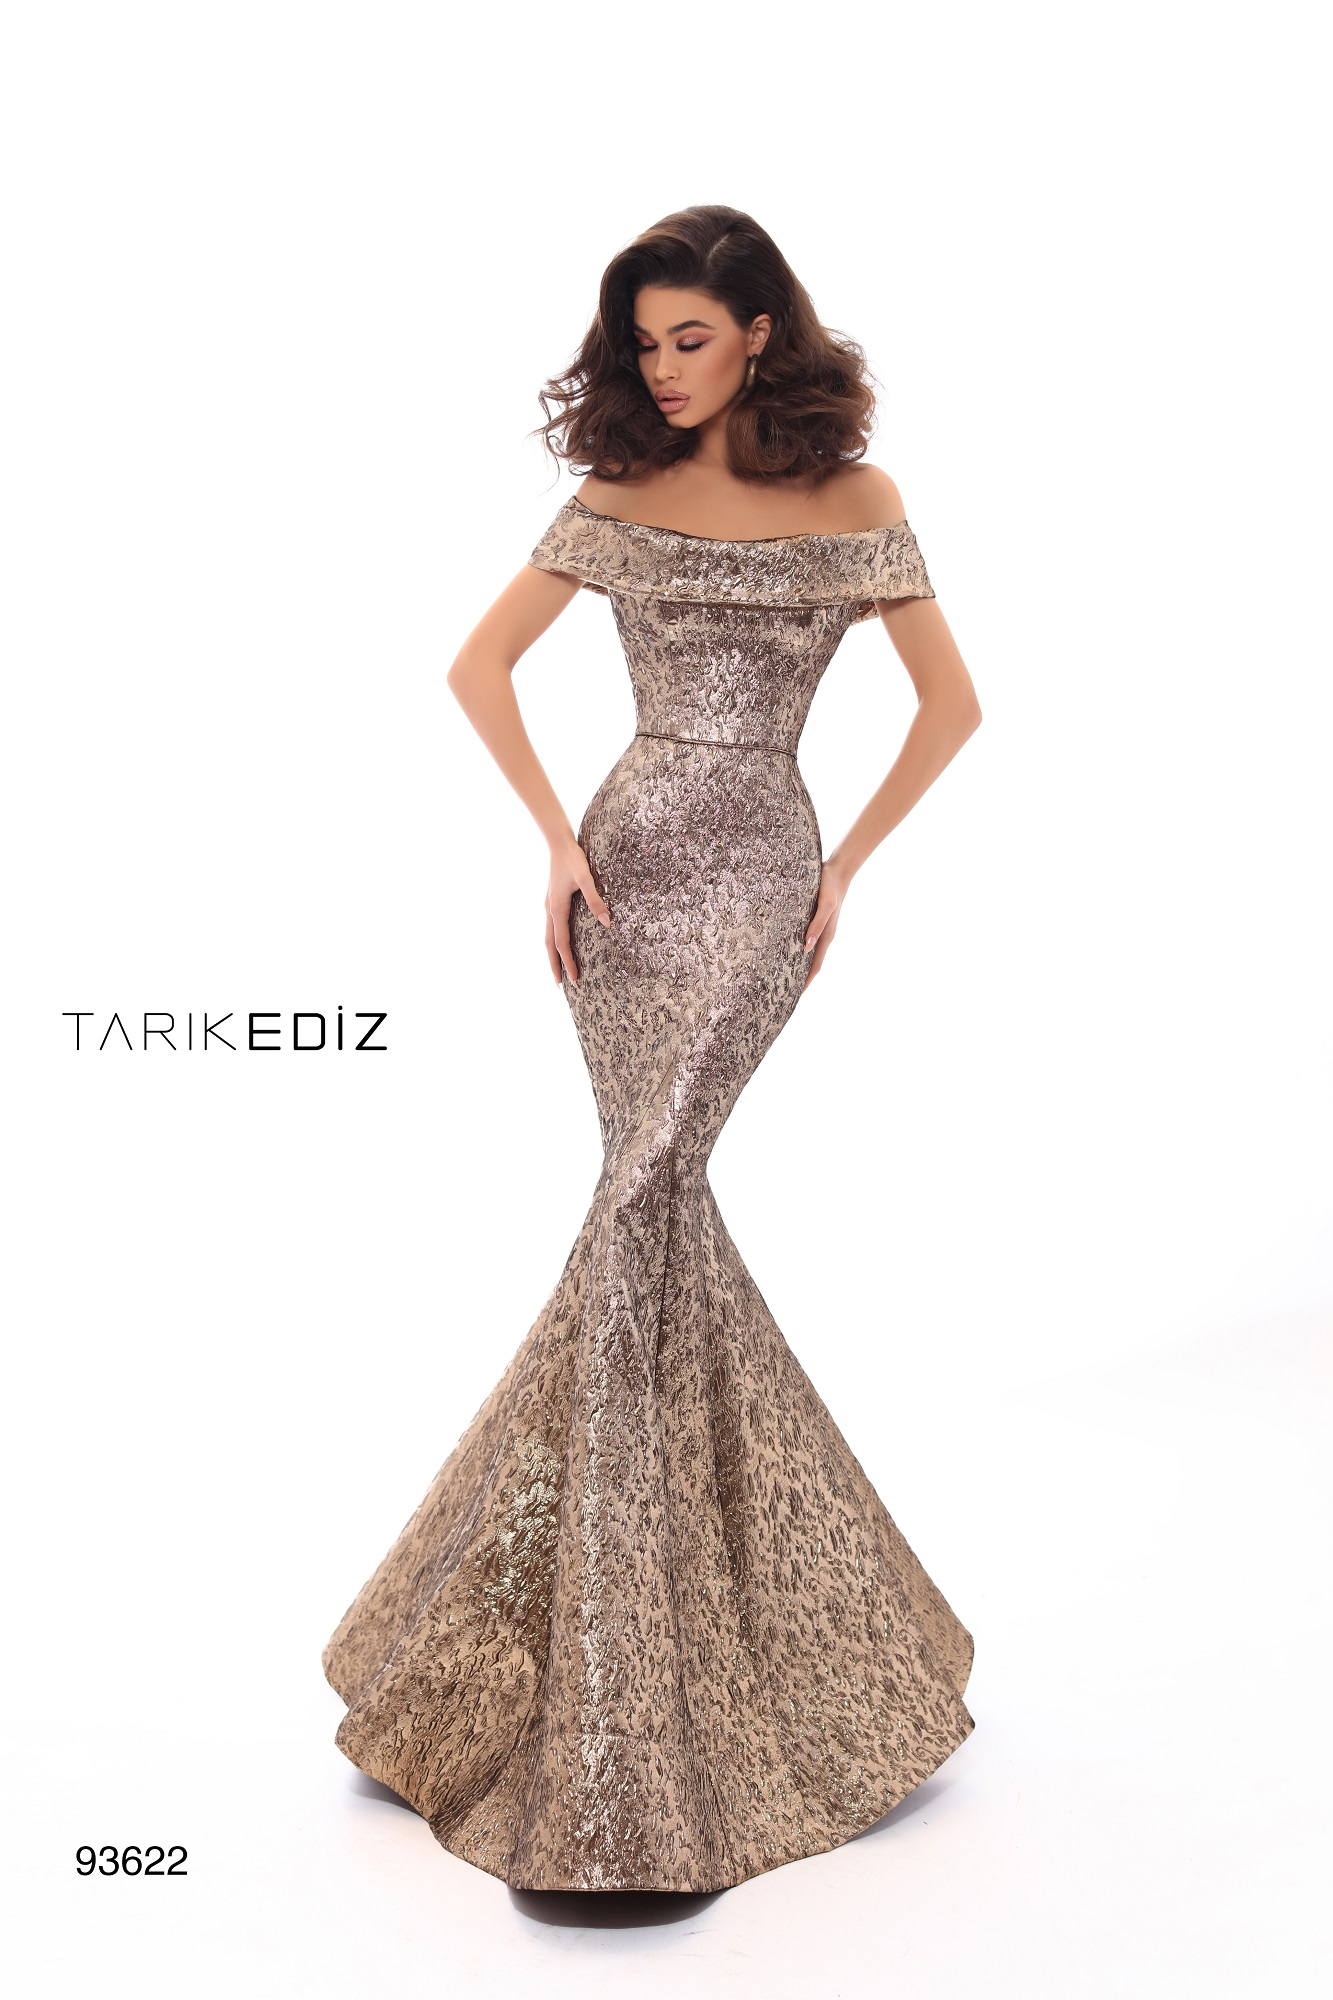 Tarikediz Ru Платья Официальный Сайт